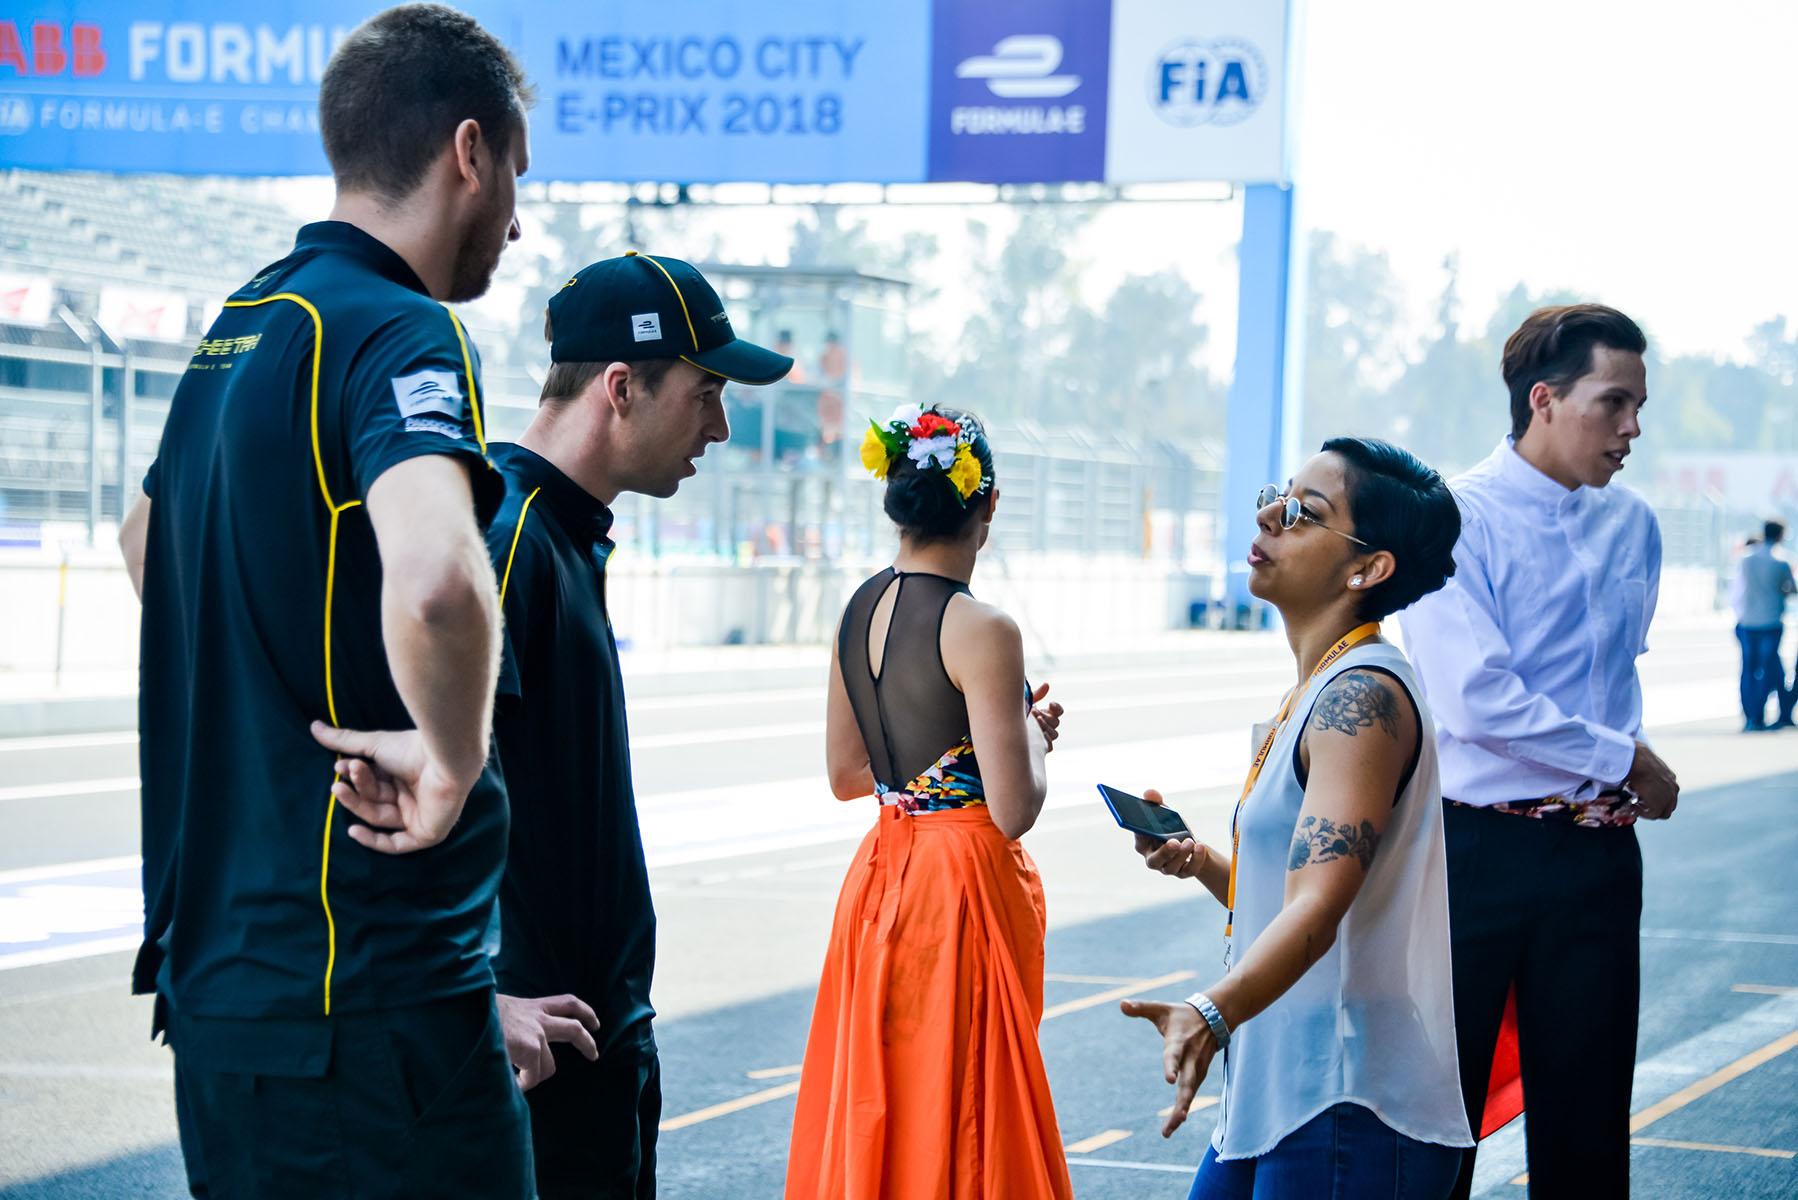 Formula-E-Marta-Rovatti-Studihrad-2018-Mexico-City-HR-MGR_6205